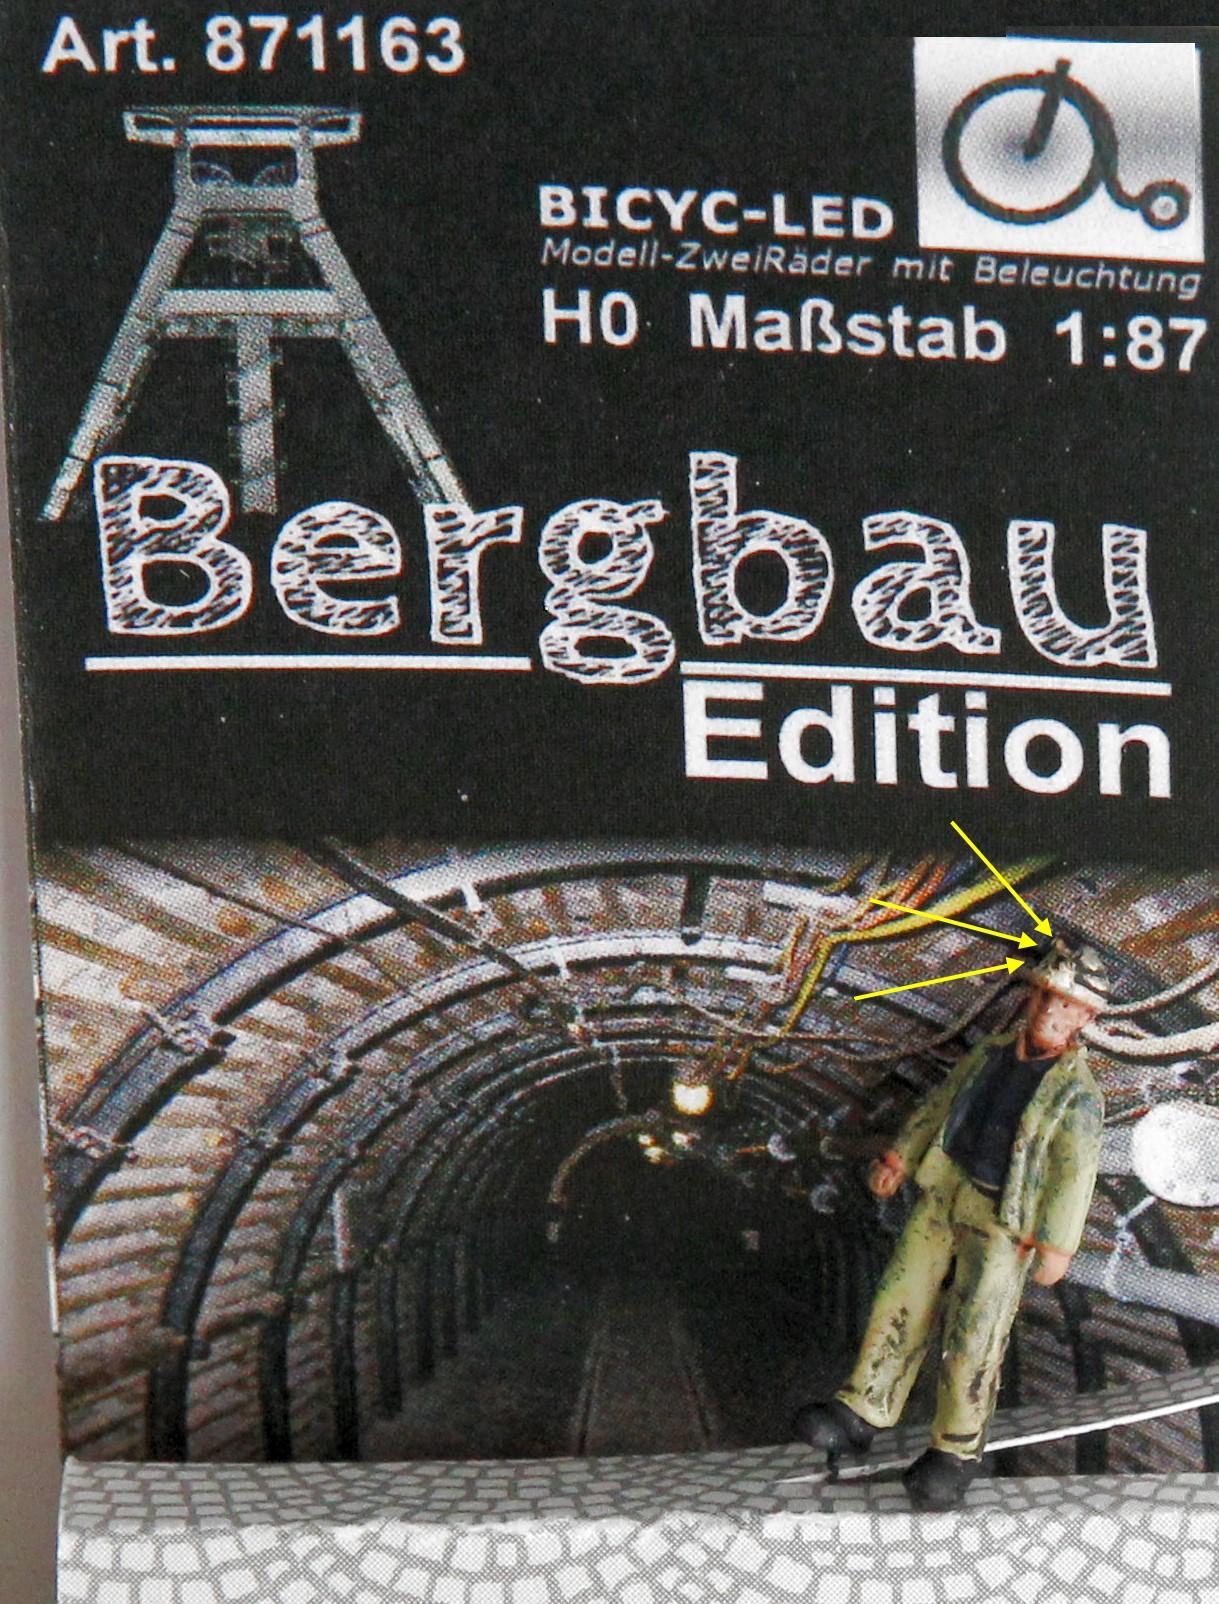 1:87 Bergmann mit Helmlampe stehend, Jacke geöffnet  - Lampe auf dem Helm der Figur beleuchtet by Bicyc-LED | günstig bestellen bei Modelleisenbahn Center  MCS Vertriebs GmbH